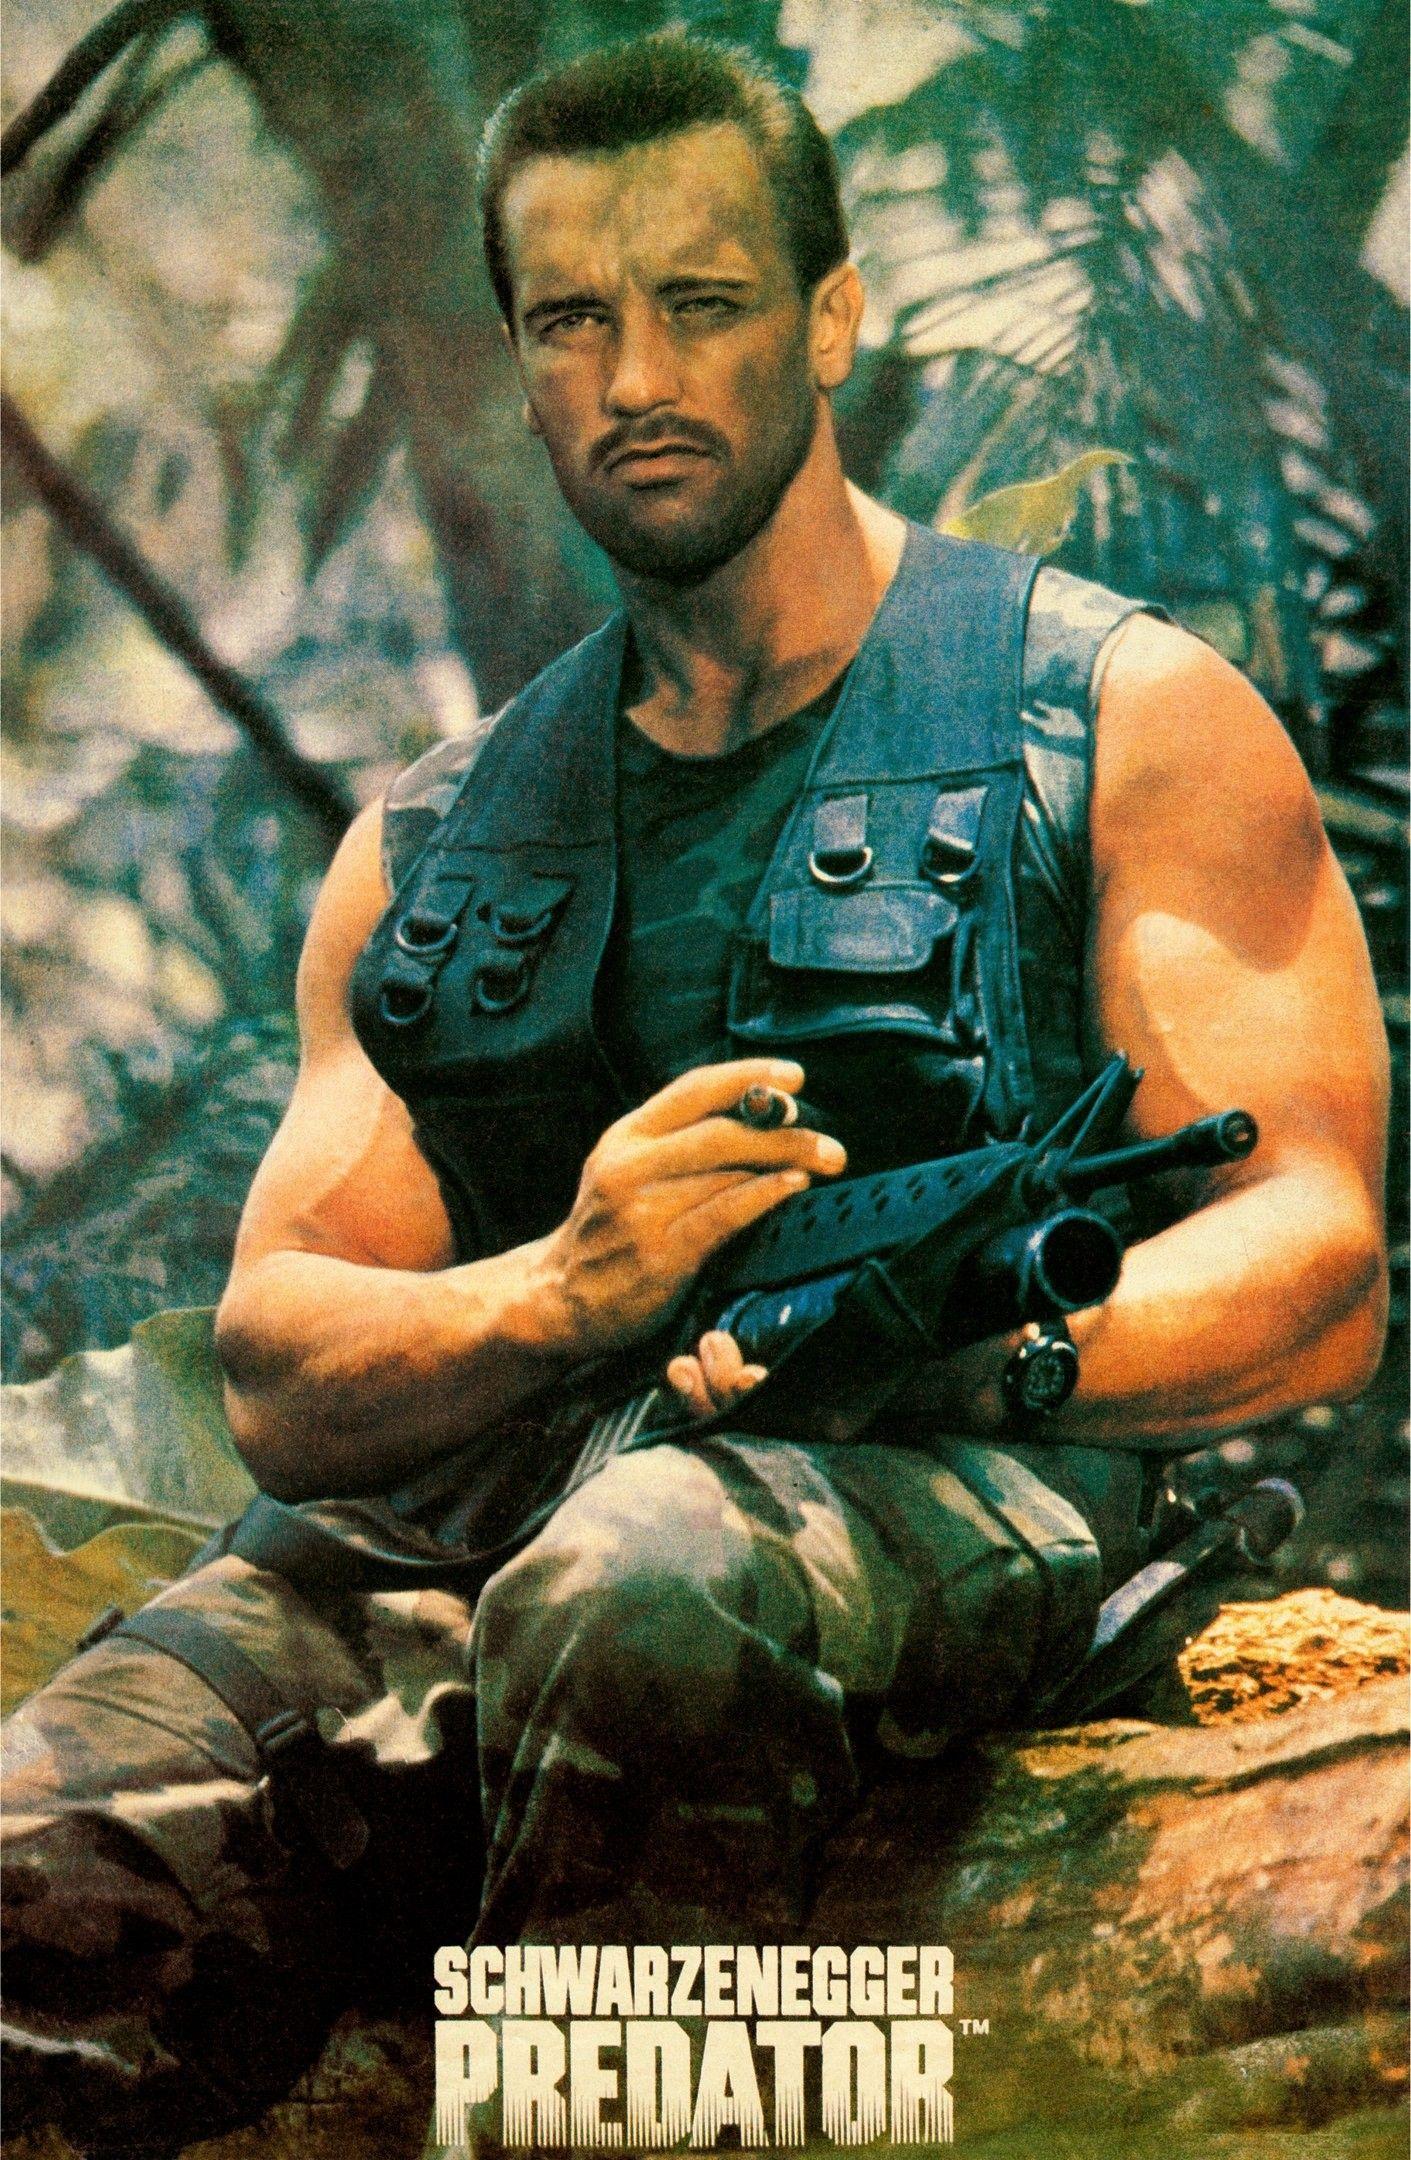 Pin De Gfgfg Em Arnold Schwarzenegger Com Imagens Posteres De